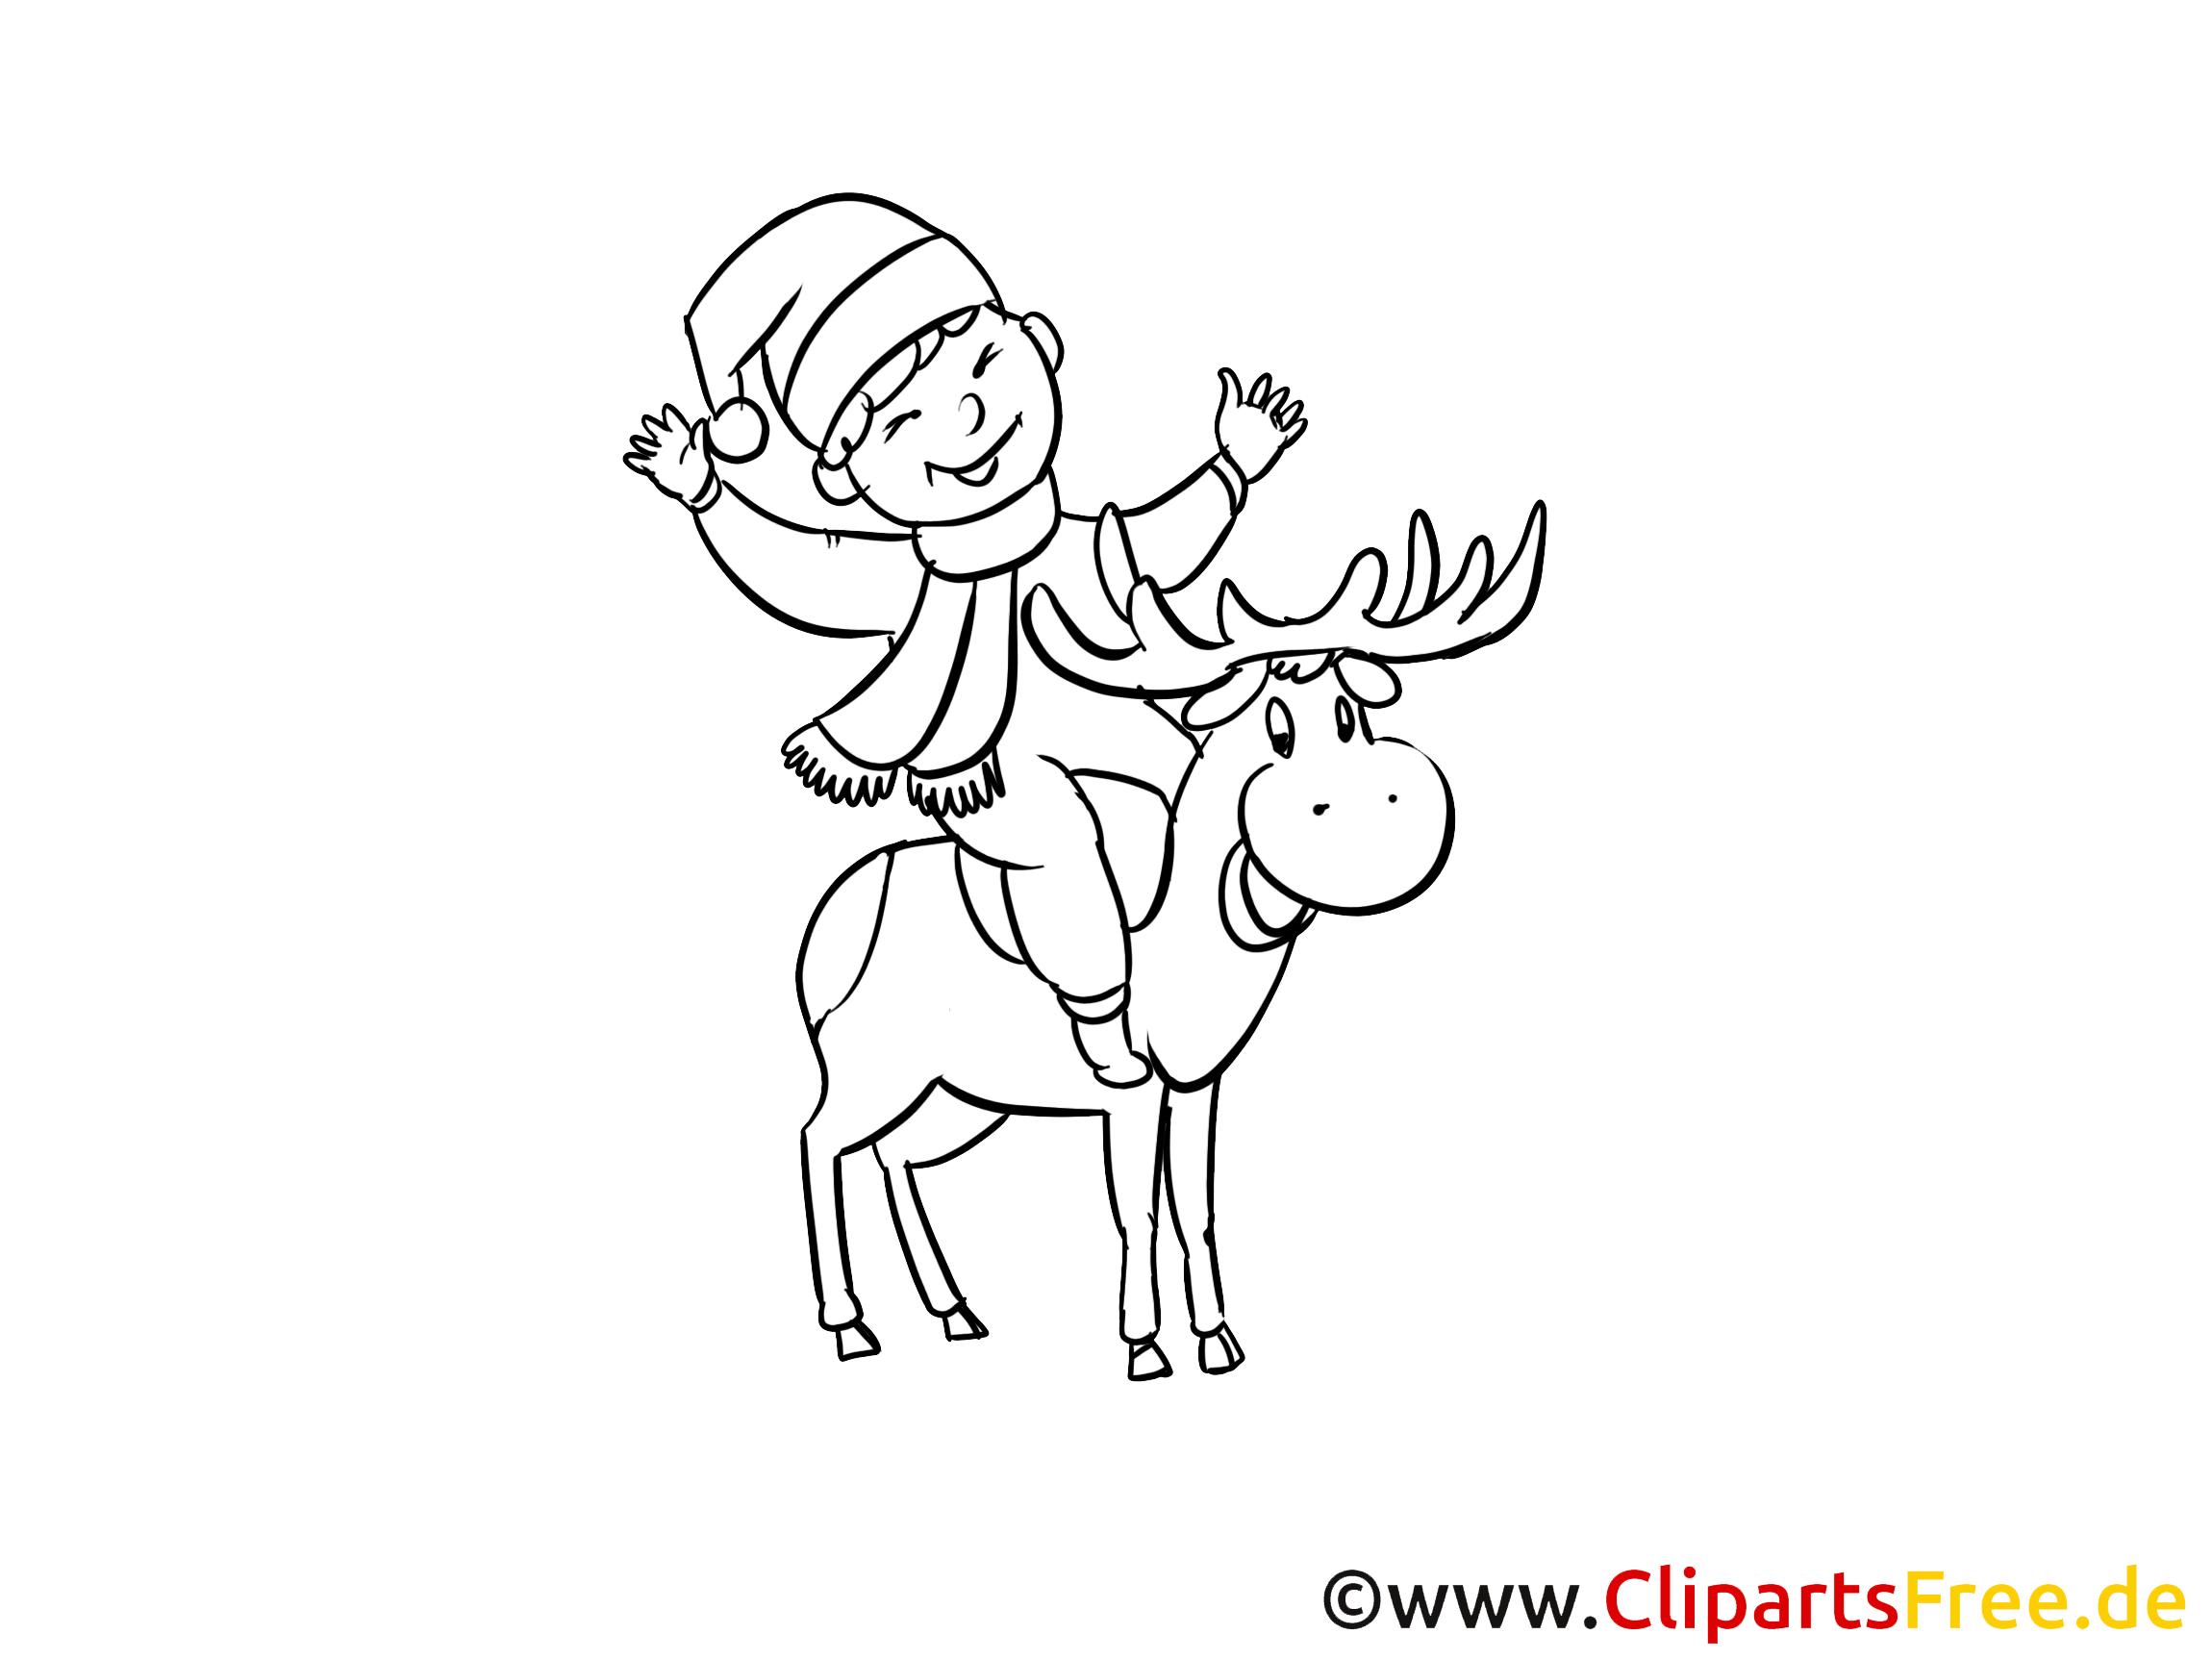 Ausmalbilder Nikolaus Krampus : Wunderbar Santa Ausmalbilder Zeitgen Ssisch Beispiel